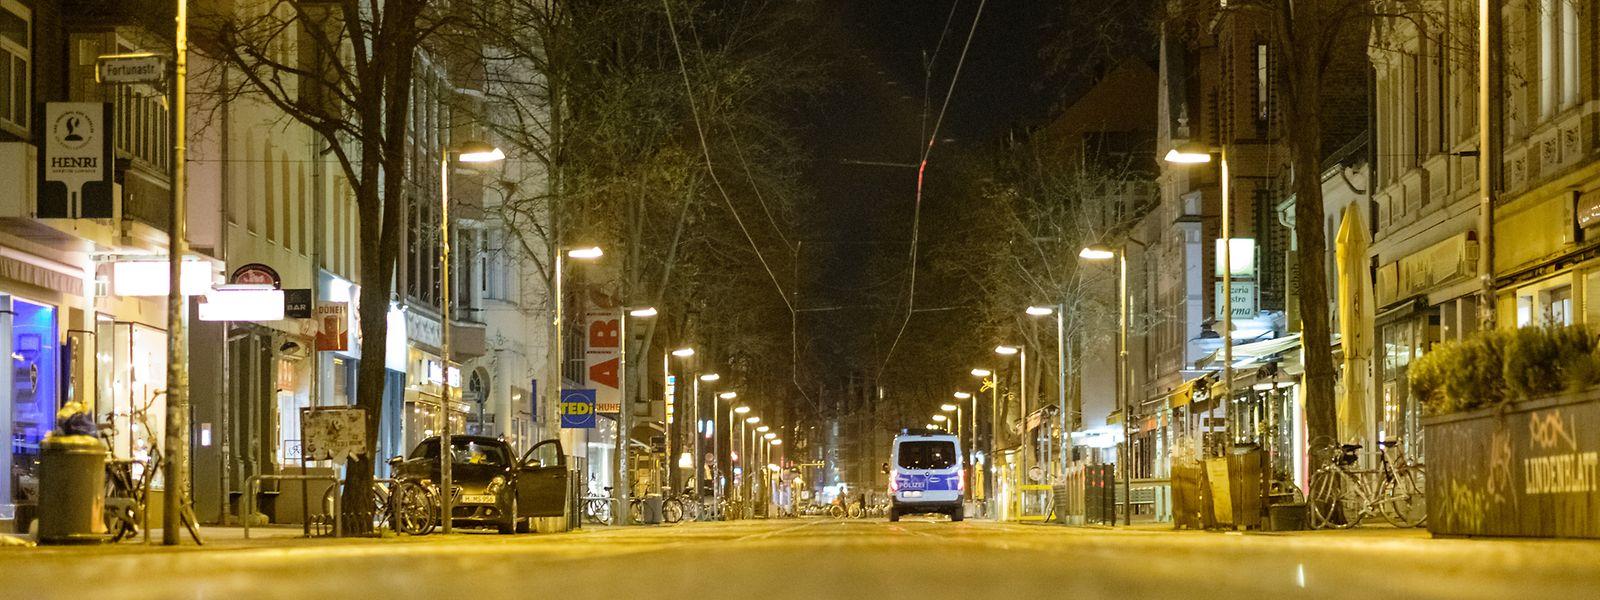 La semaine passée, la police grand-ducale a encore verbalisé 170 personnes ne respectant pas les horaires du couvre-feu.